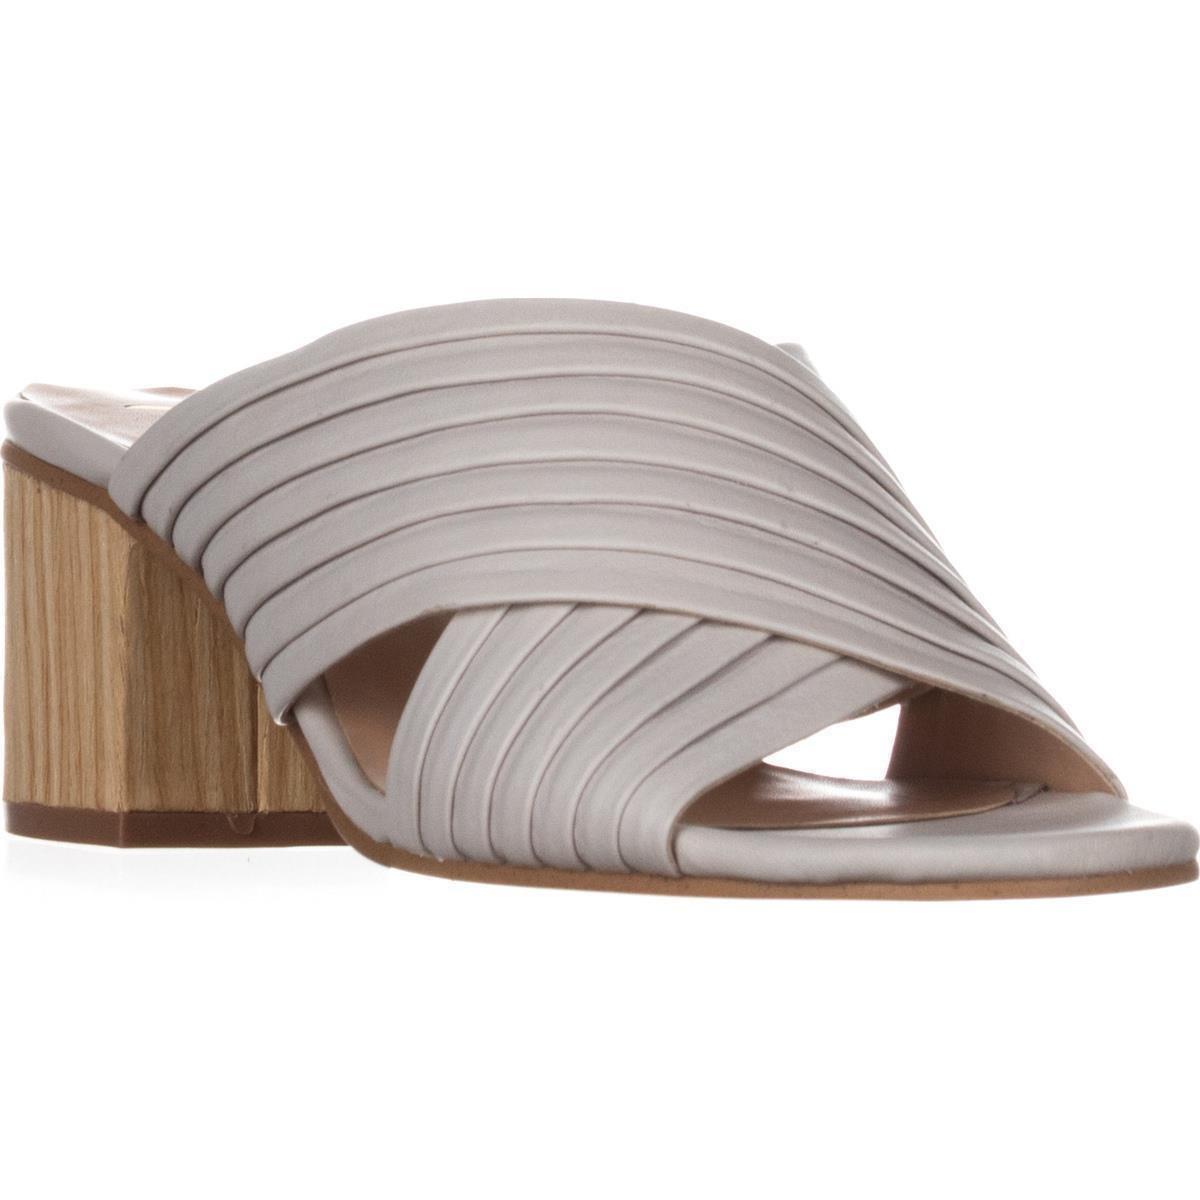 Nanette Nanette Lepore Women's Ray Dress Sandal B01M9IYQO4 B01M9IYQO4 B01M9IYQO4 Heeled 6808fa